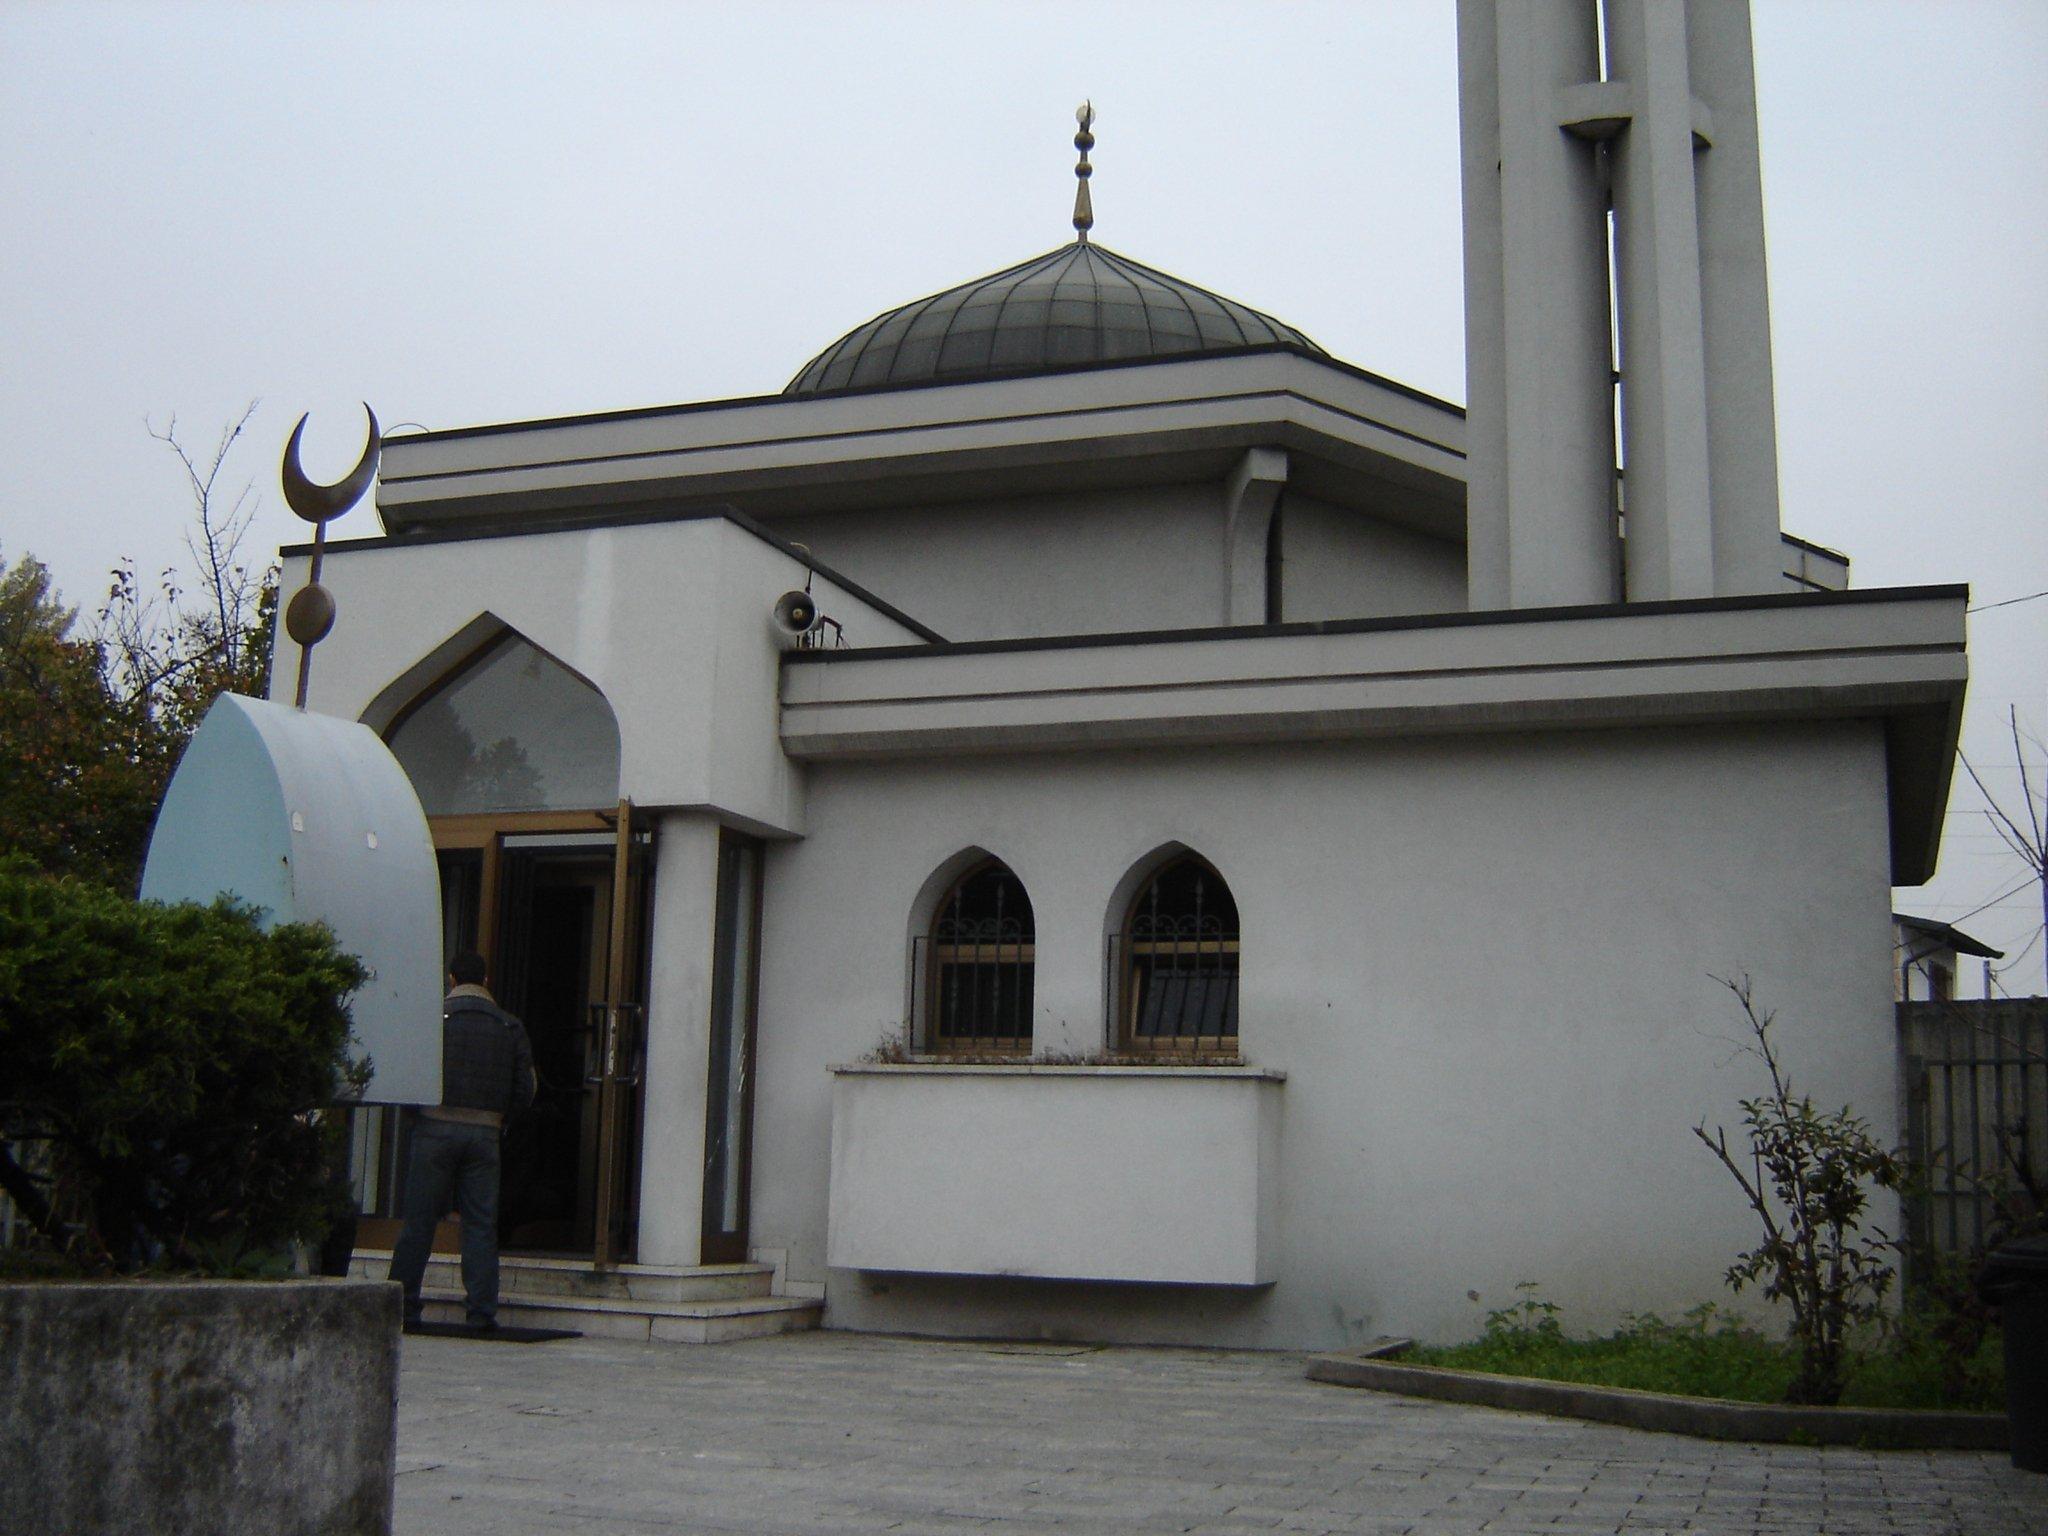 Исламский центр в Милане